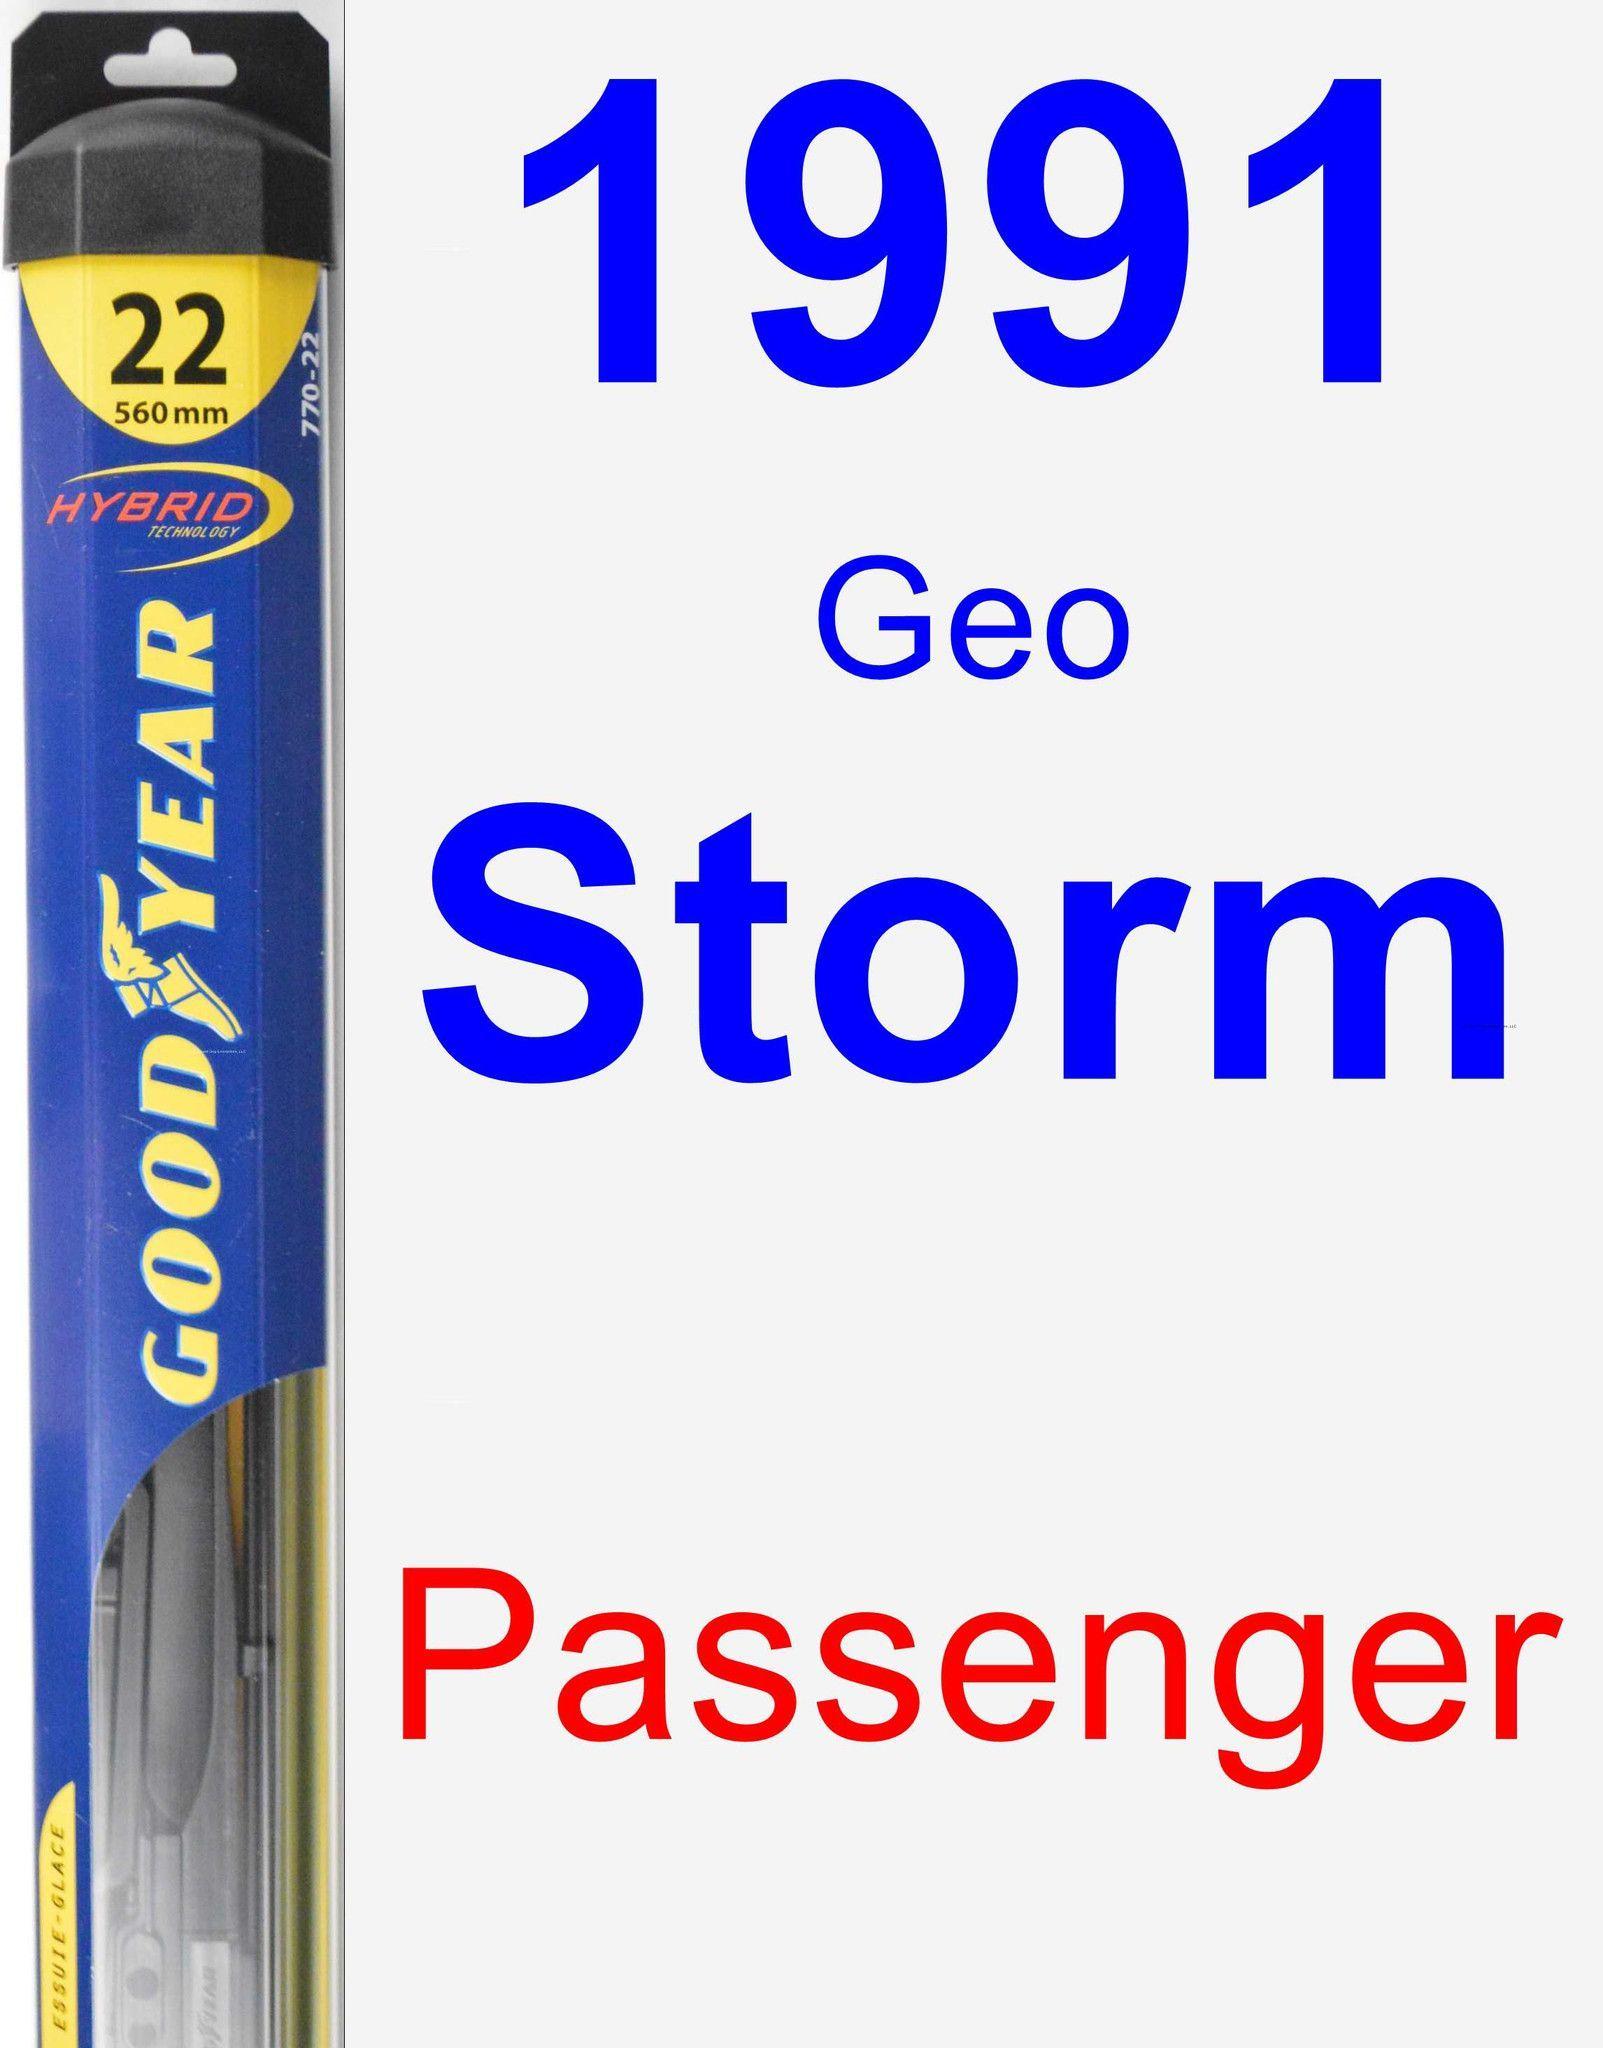 Passenger Wiper Blade for 1991 Geo Storm - Hybrid